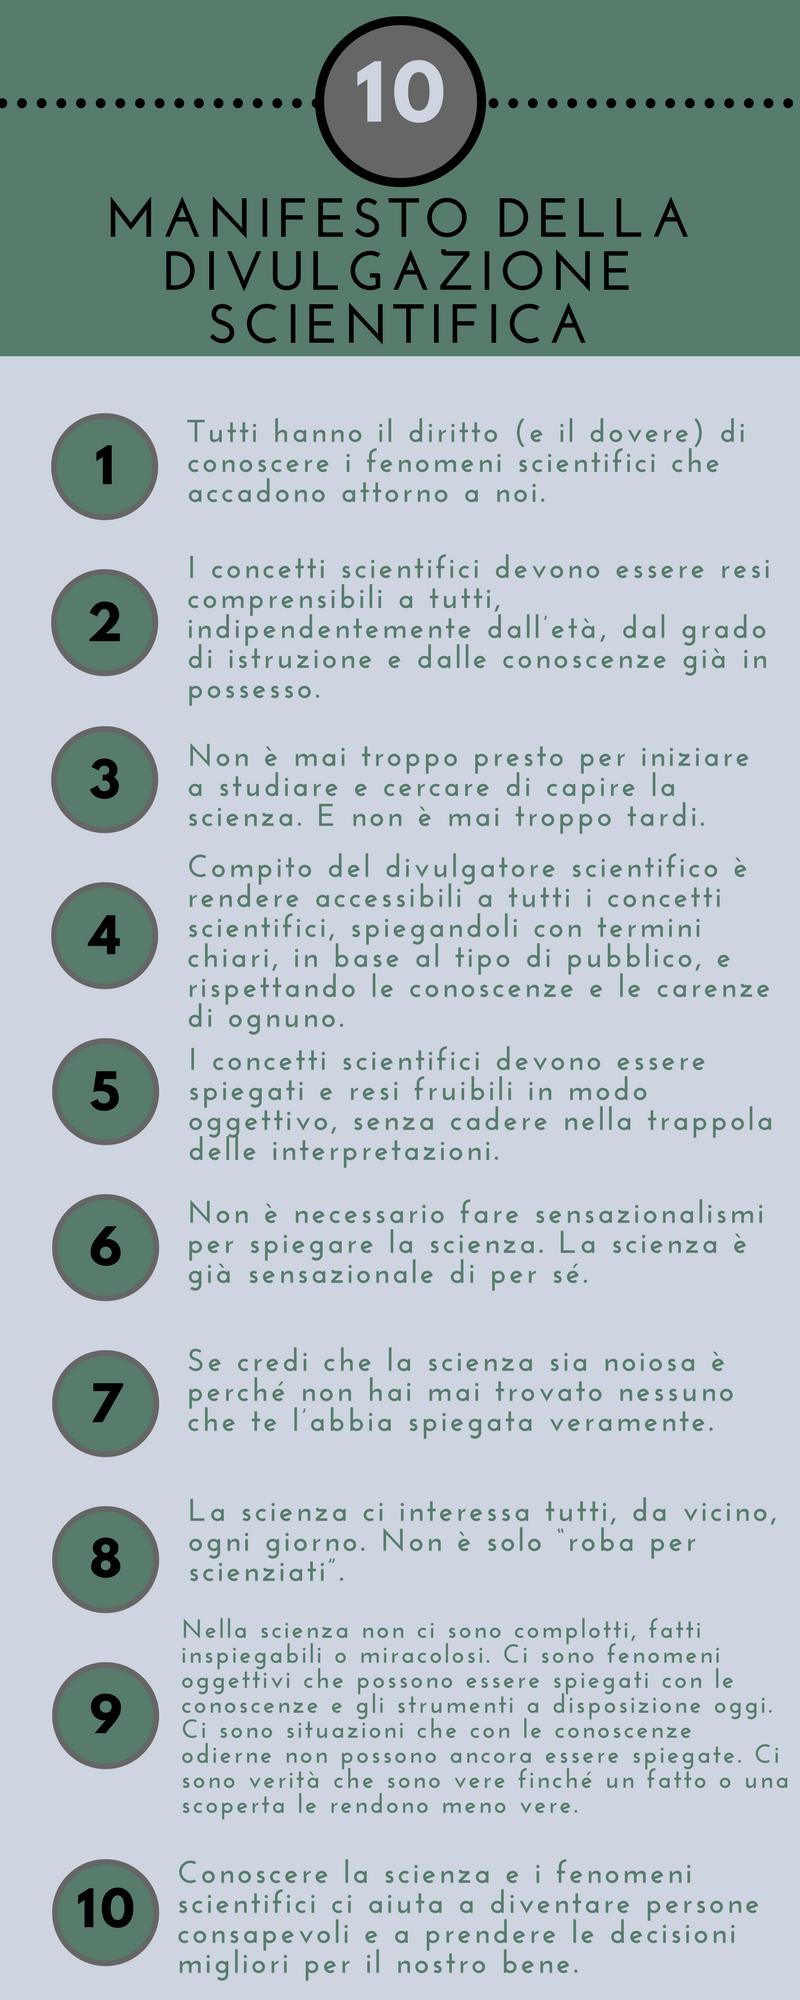 Manifesto della divulgazione scientifica